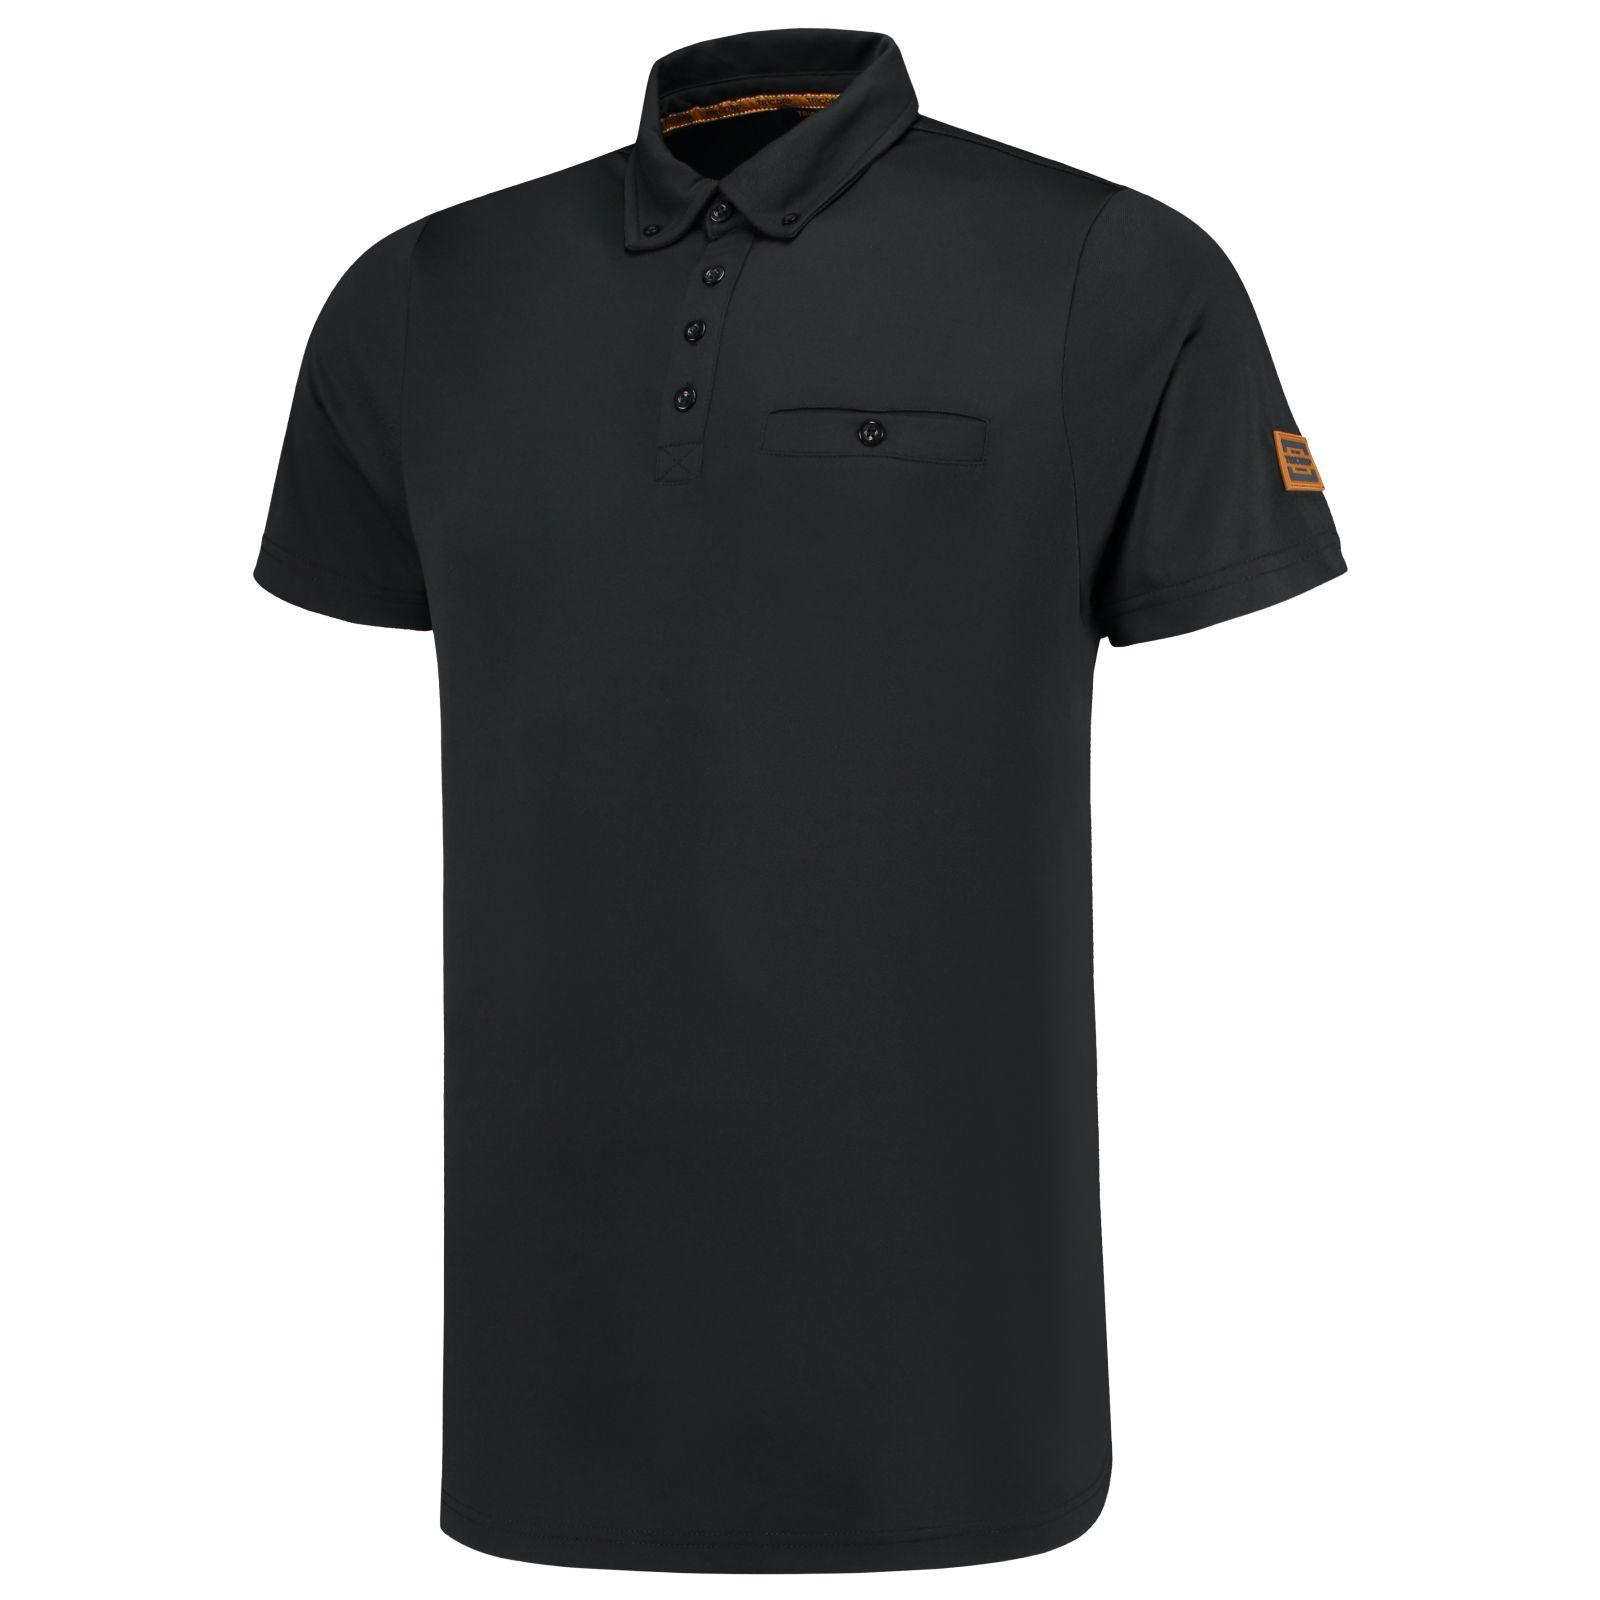 Tricorp Premium Poloshirts 204001 zwart(Black)